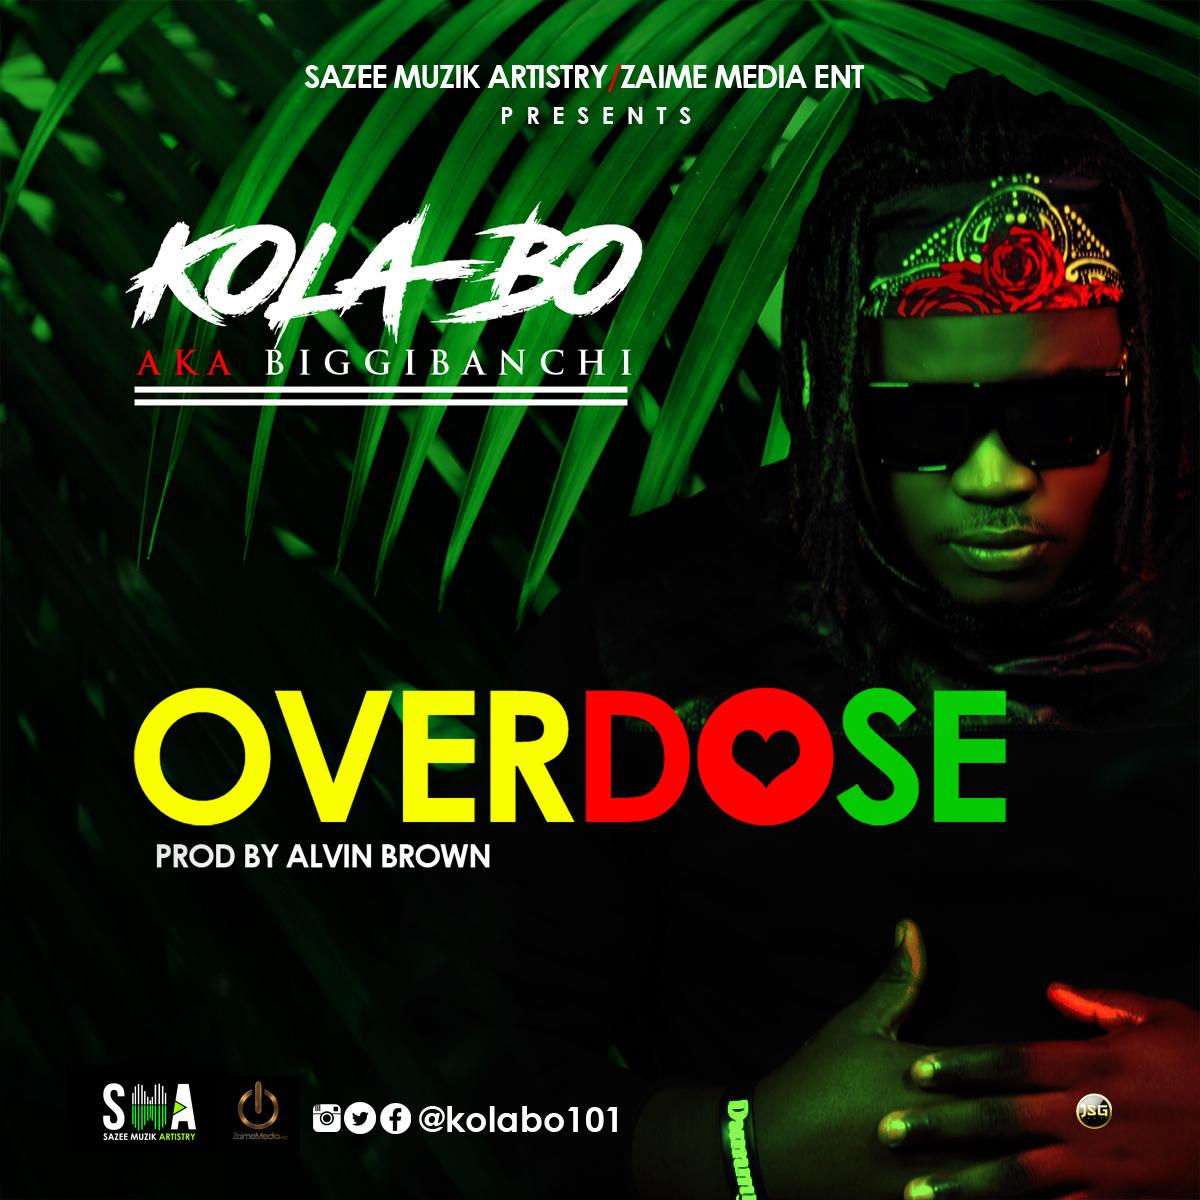 VIDEO: Kola-Bo – Overdose